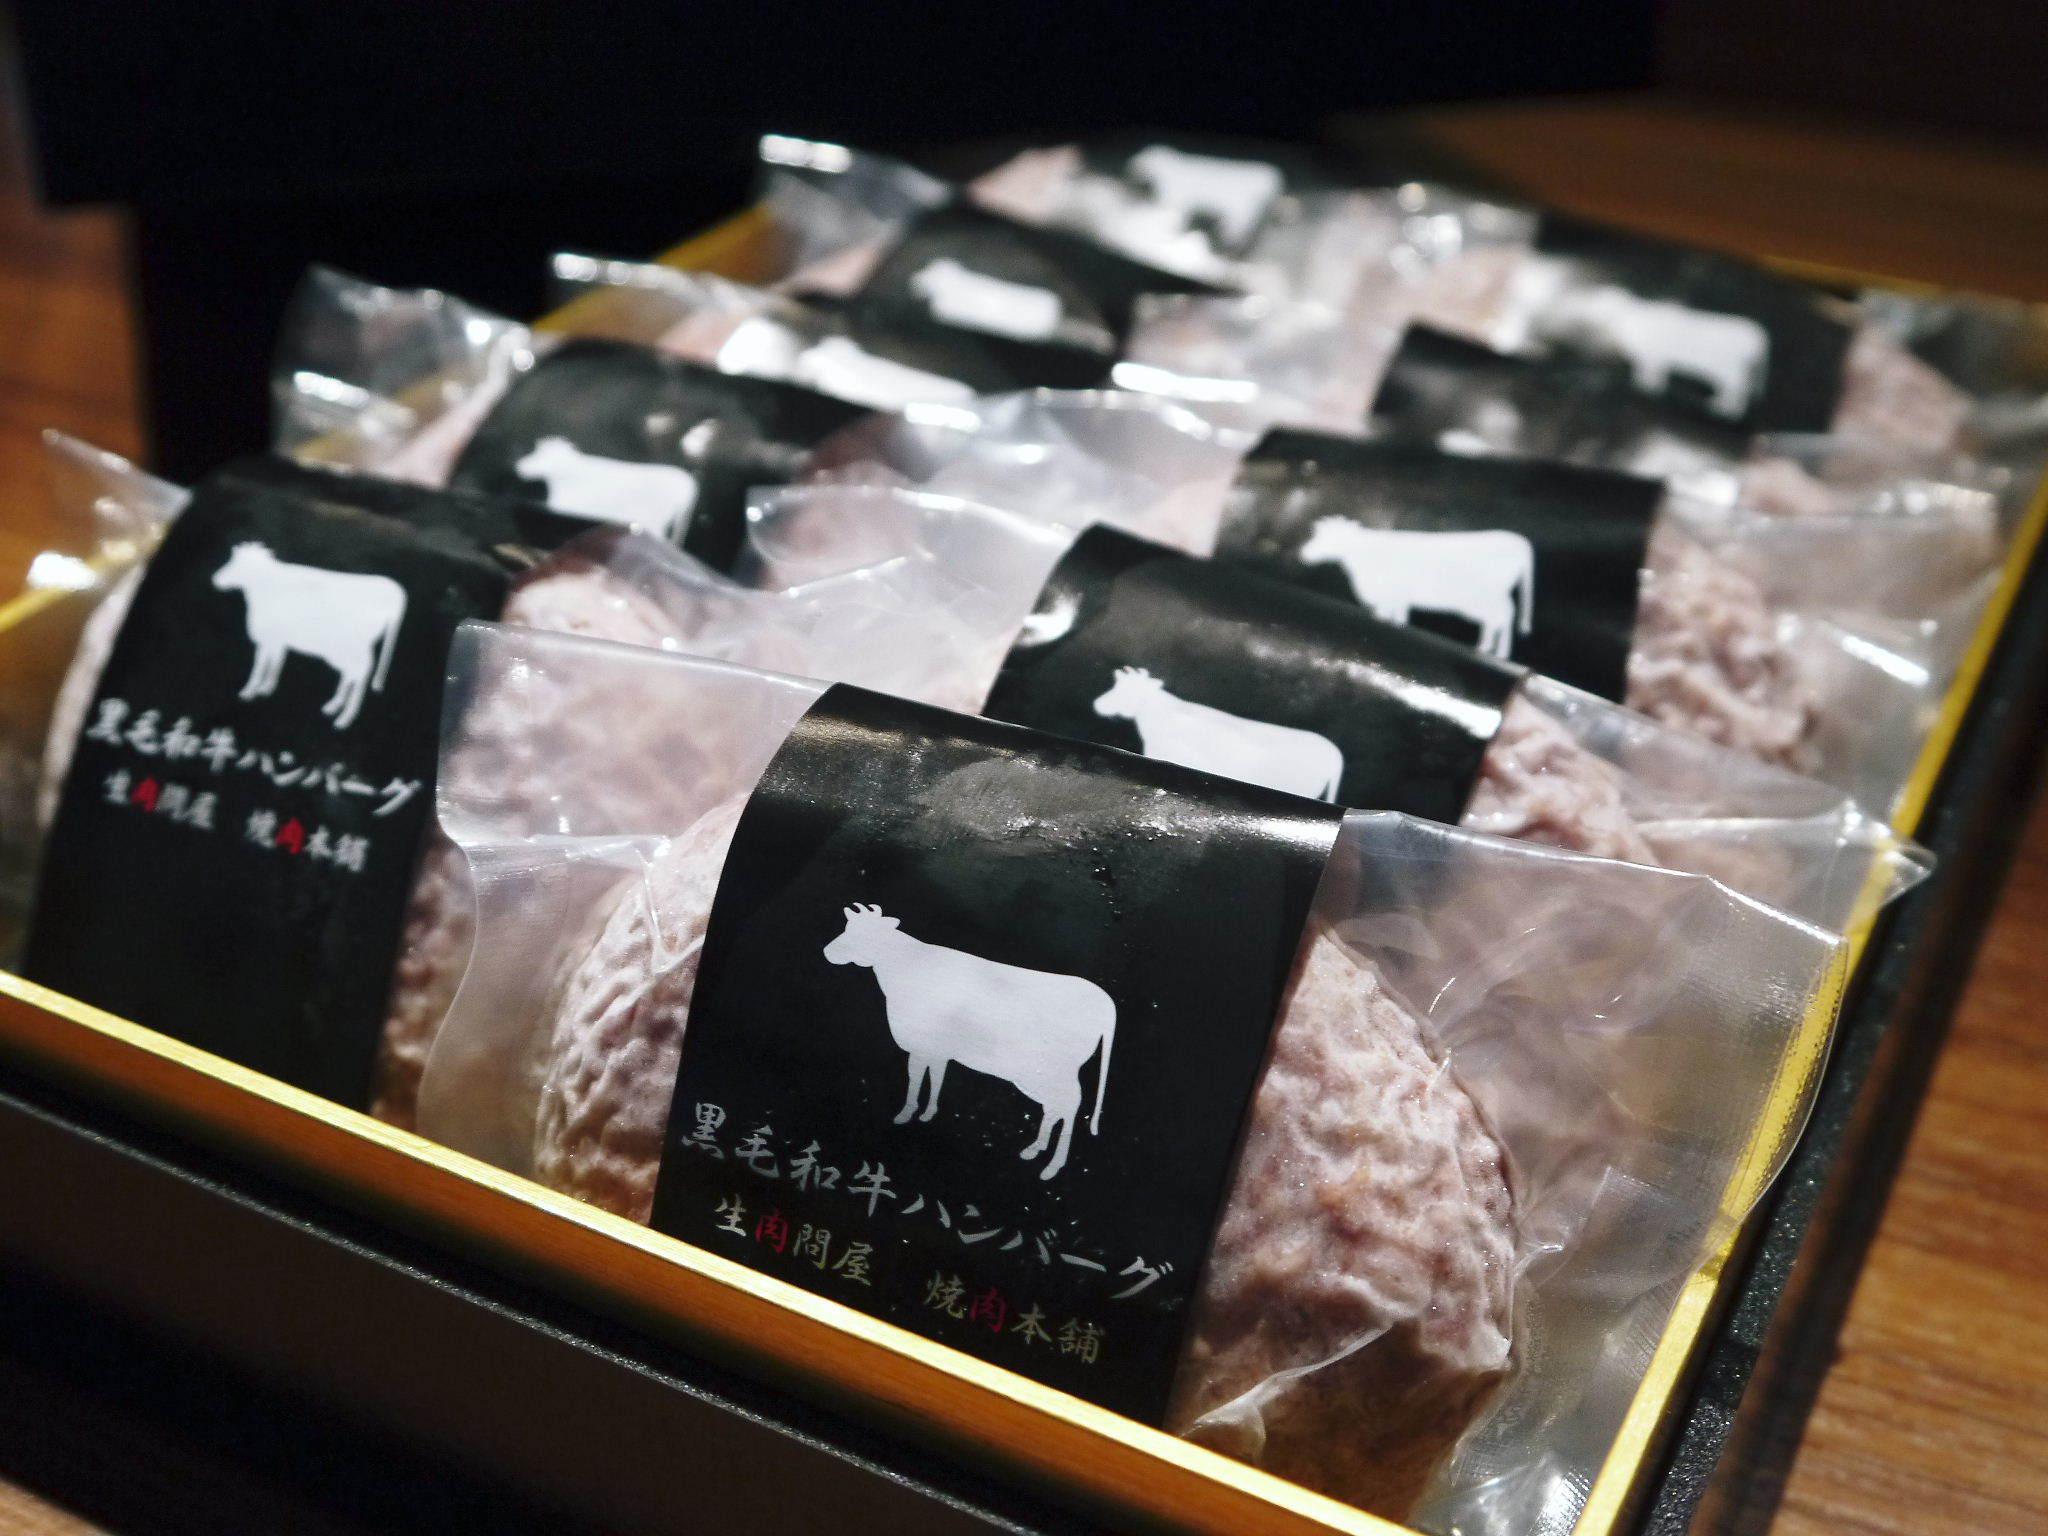 熊本県産の黒毛和牛を100%のハンバーグステーキ!今月は4月21日に出荷決定!数量限定!残りわずかです! _a0254656_16373976.jpg